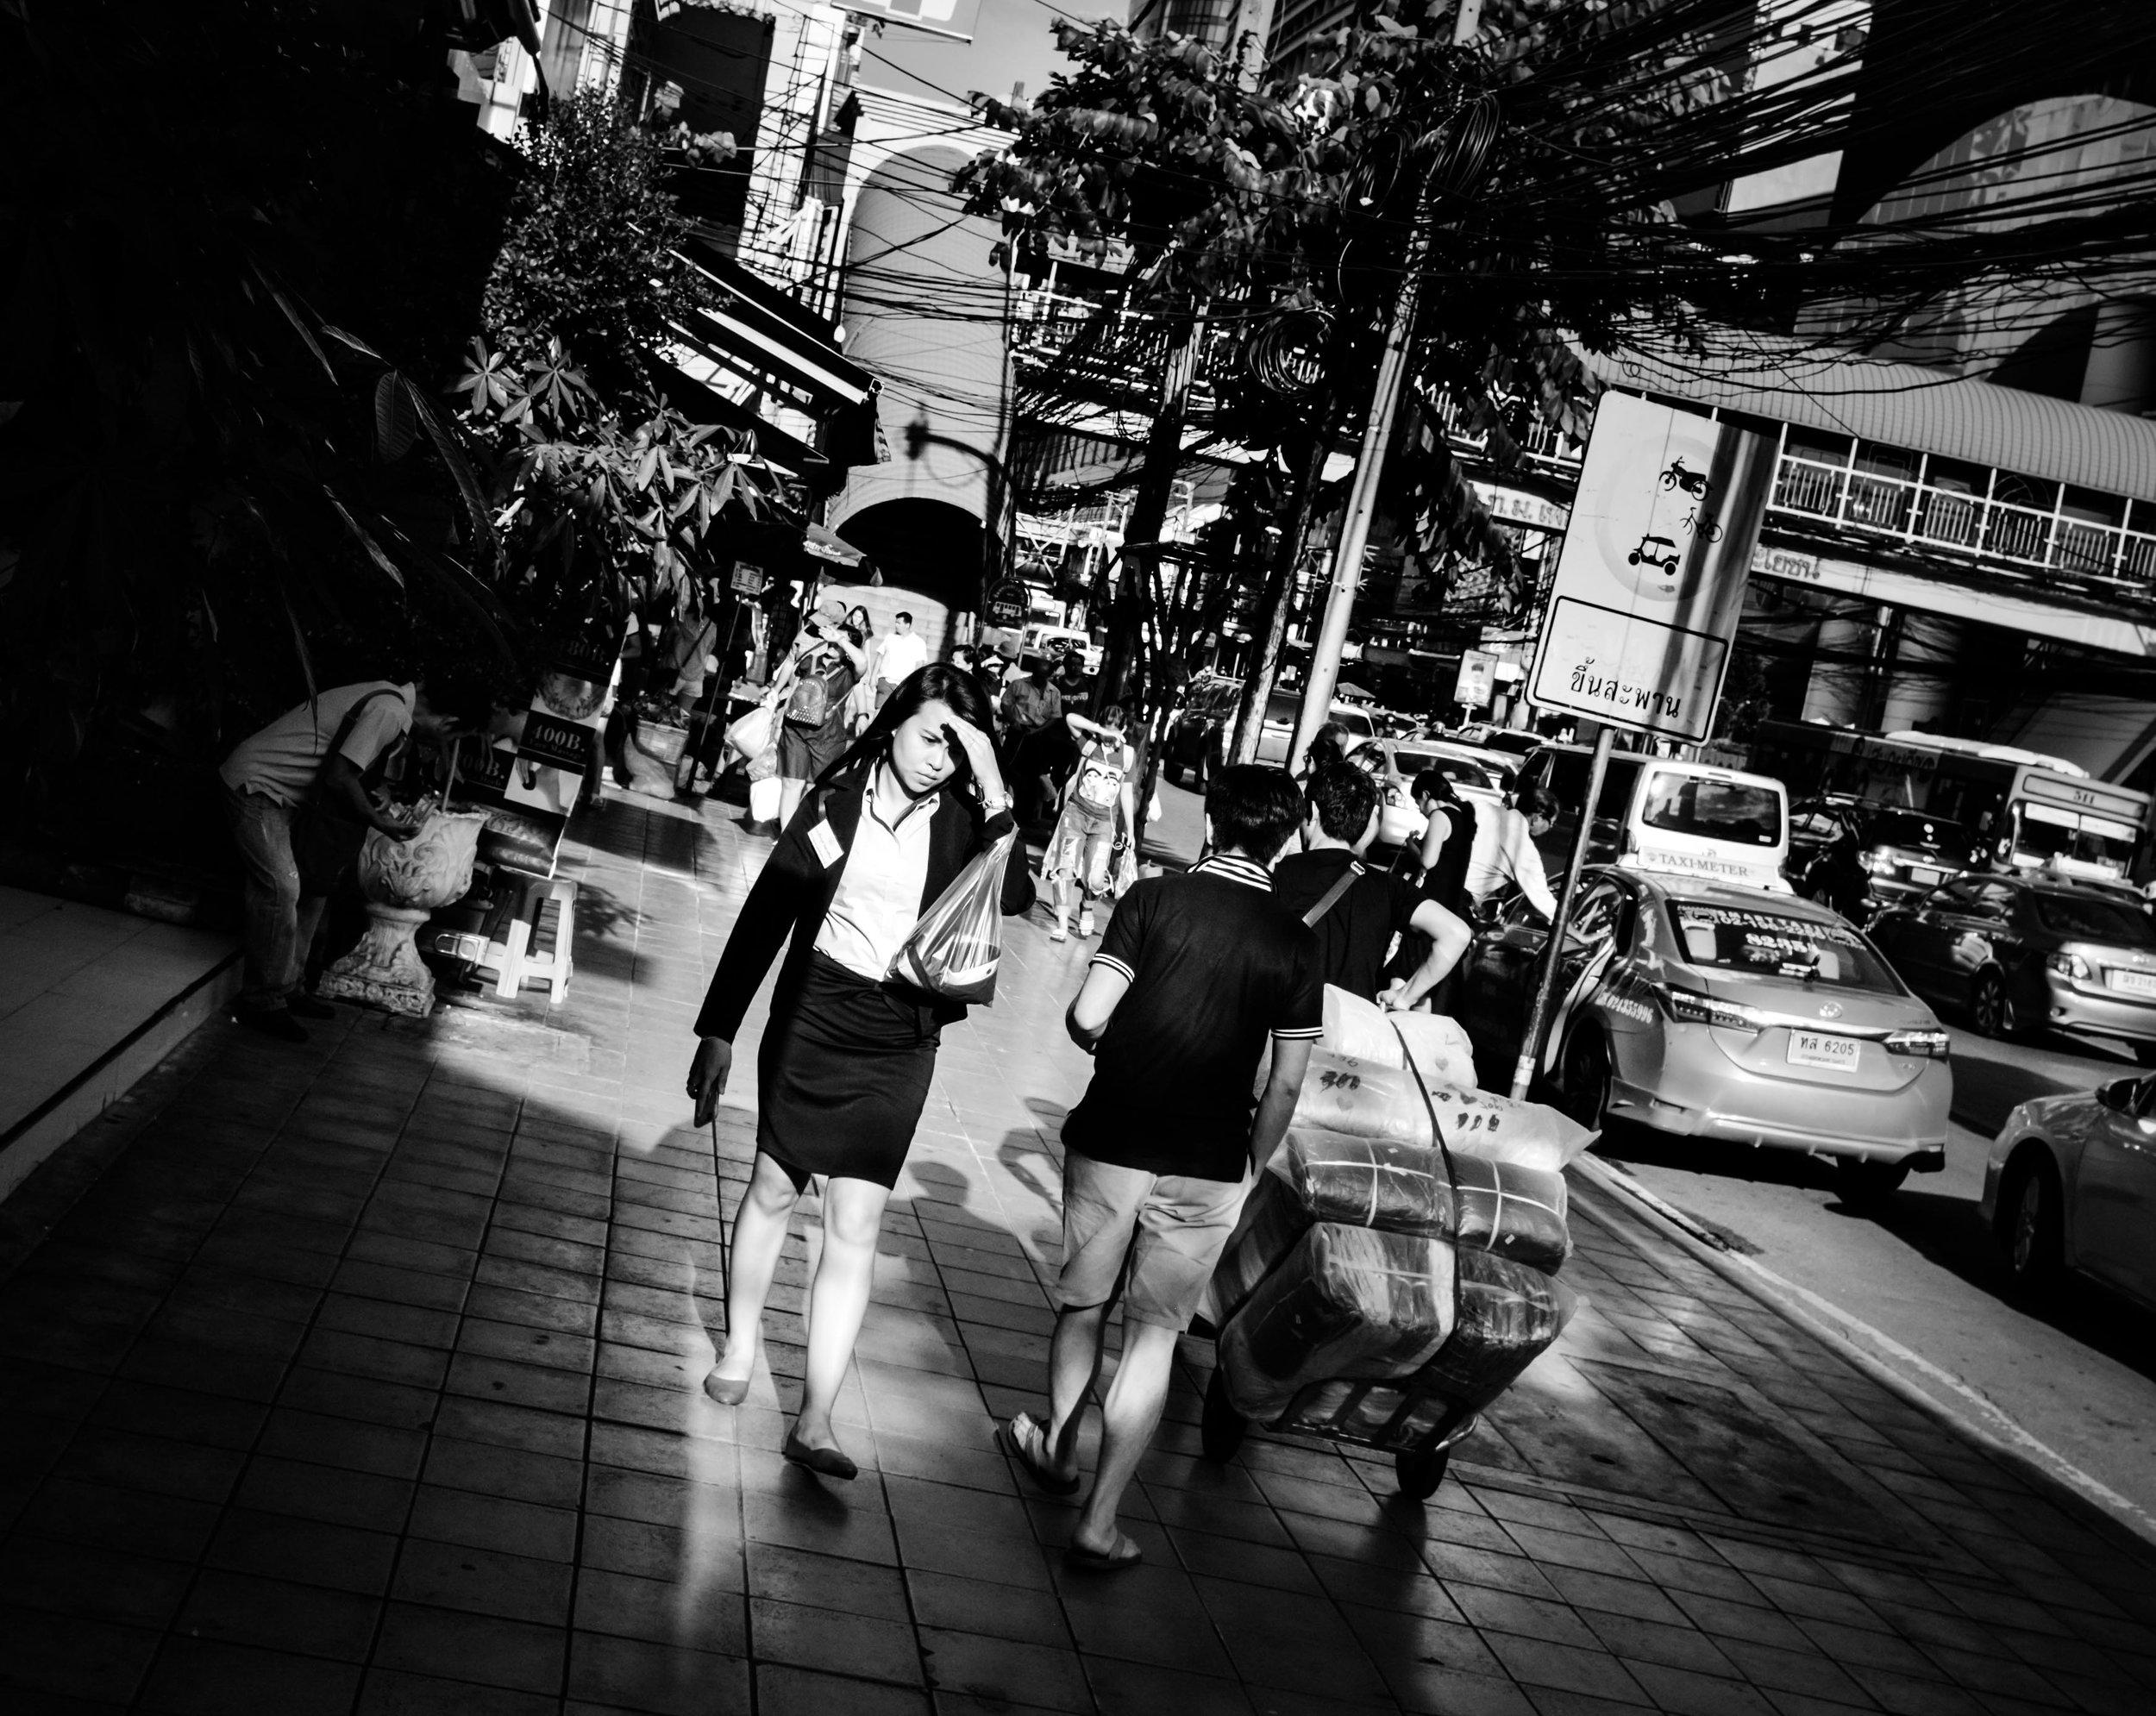 2018_Bangkok_DSCF3443_copy1.jpg